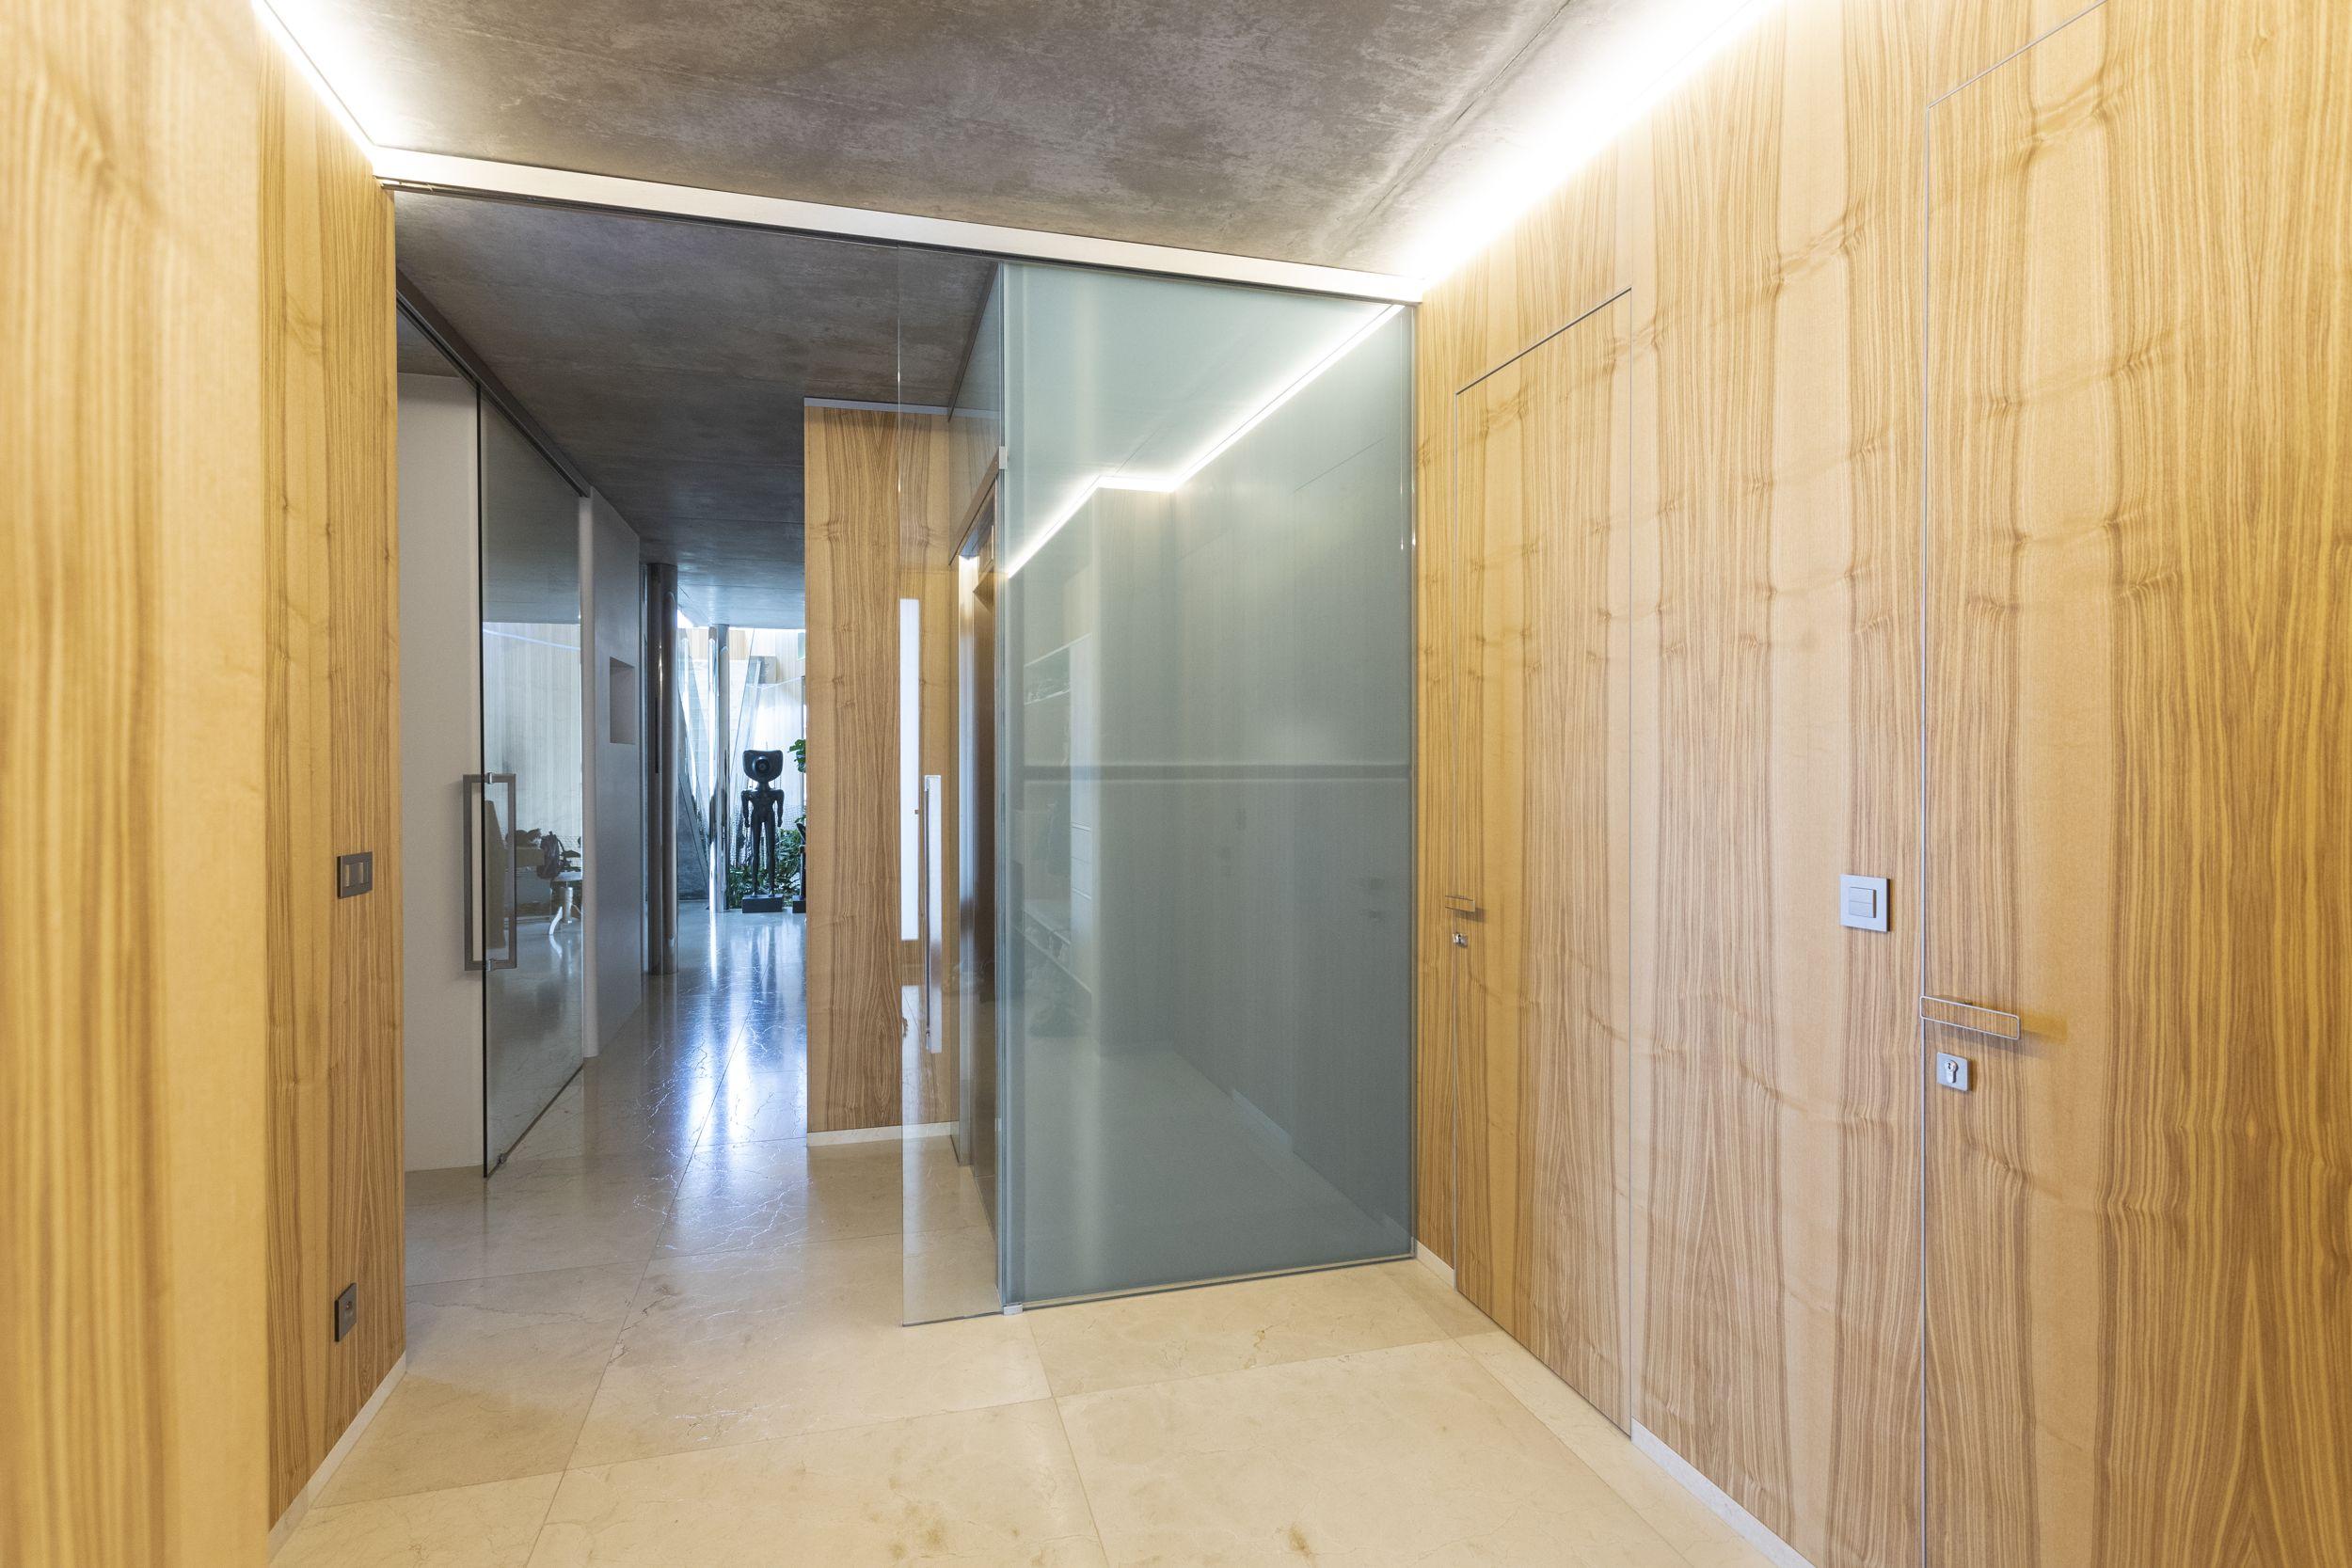 Celoskleněné posuvné dveře od firmy DORSIS